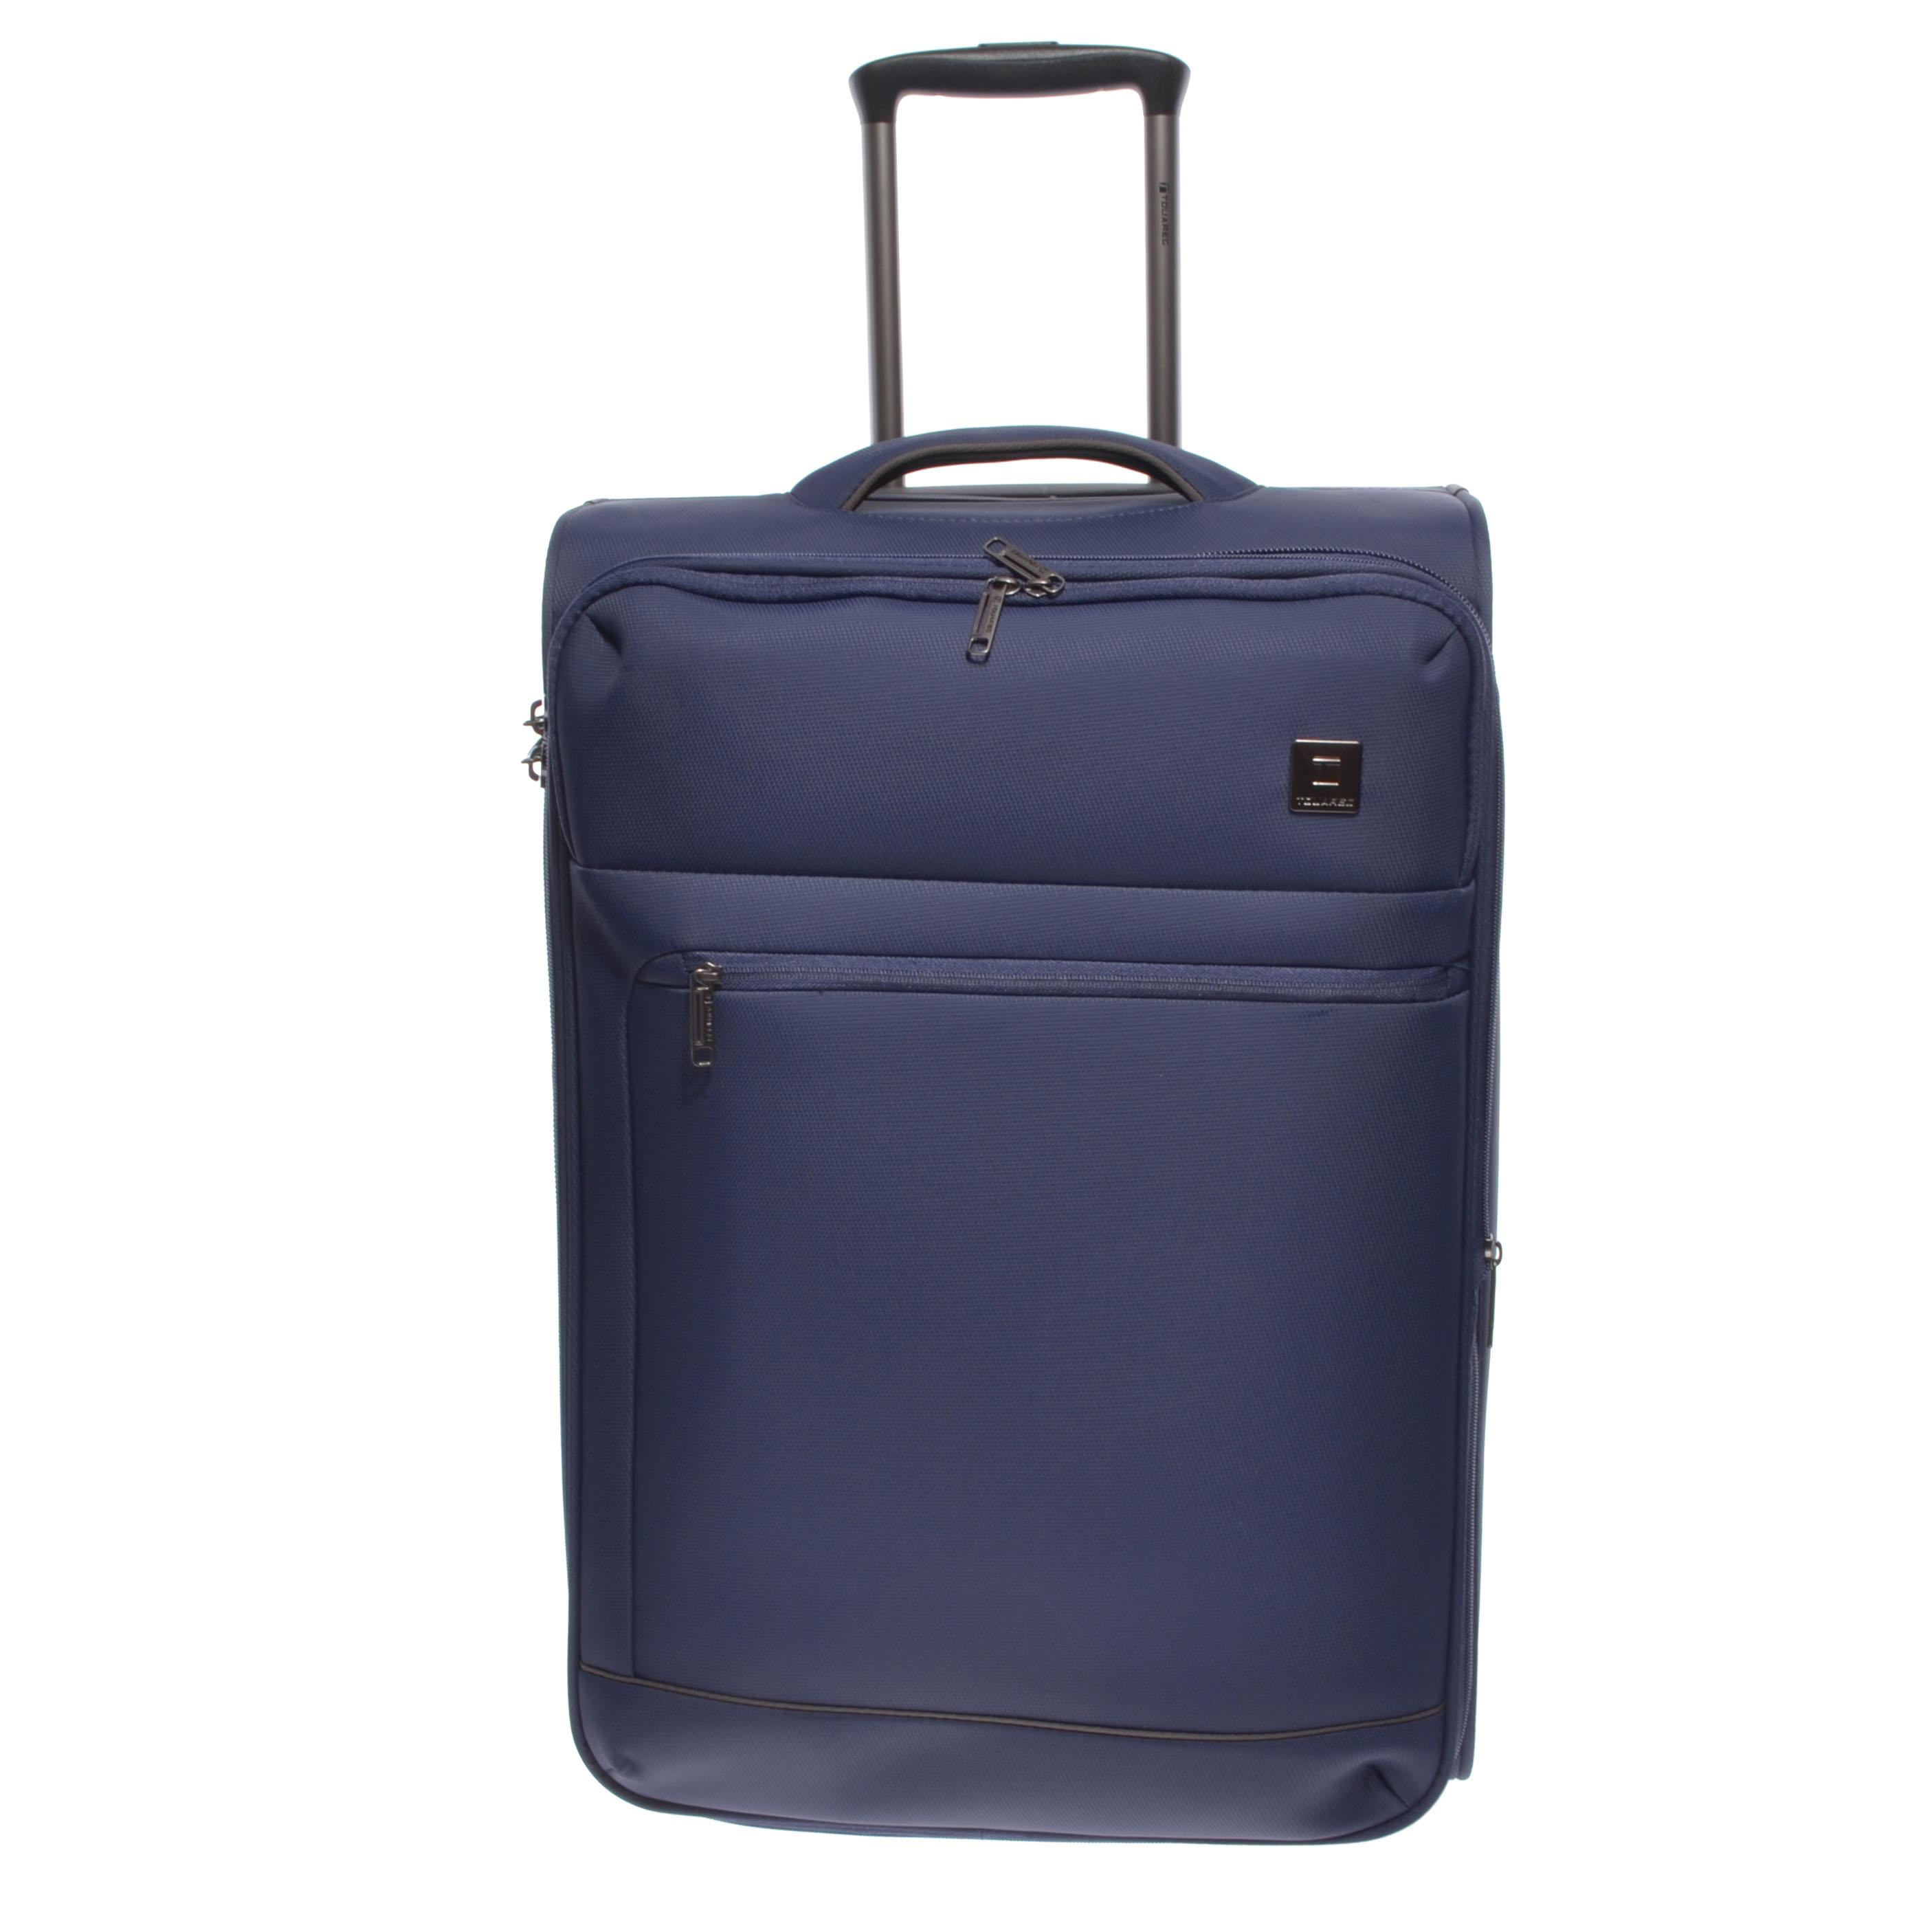 70f8a2637aaf Touareg Prémium Közepes Méretű Bőrönd Kék - KÖZEPES MÉRETŰ BŐRÖNDÖK - Táska  webáruház - Minőségi táskák mindenkinek